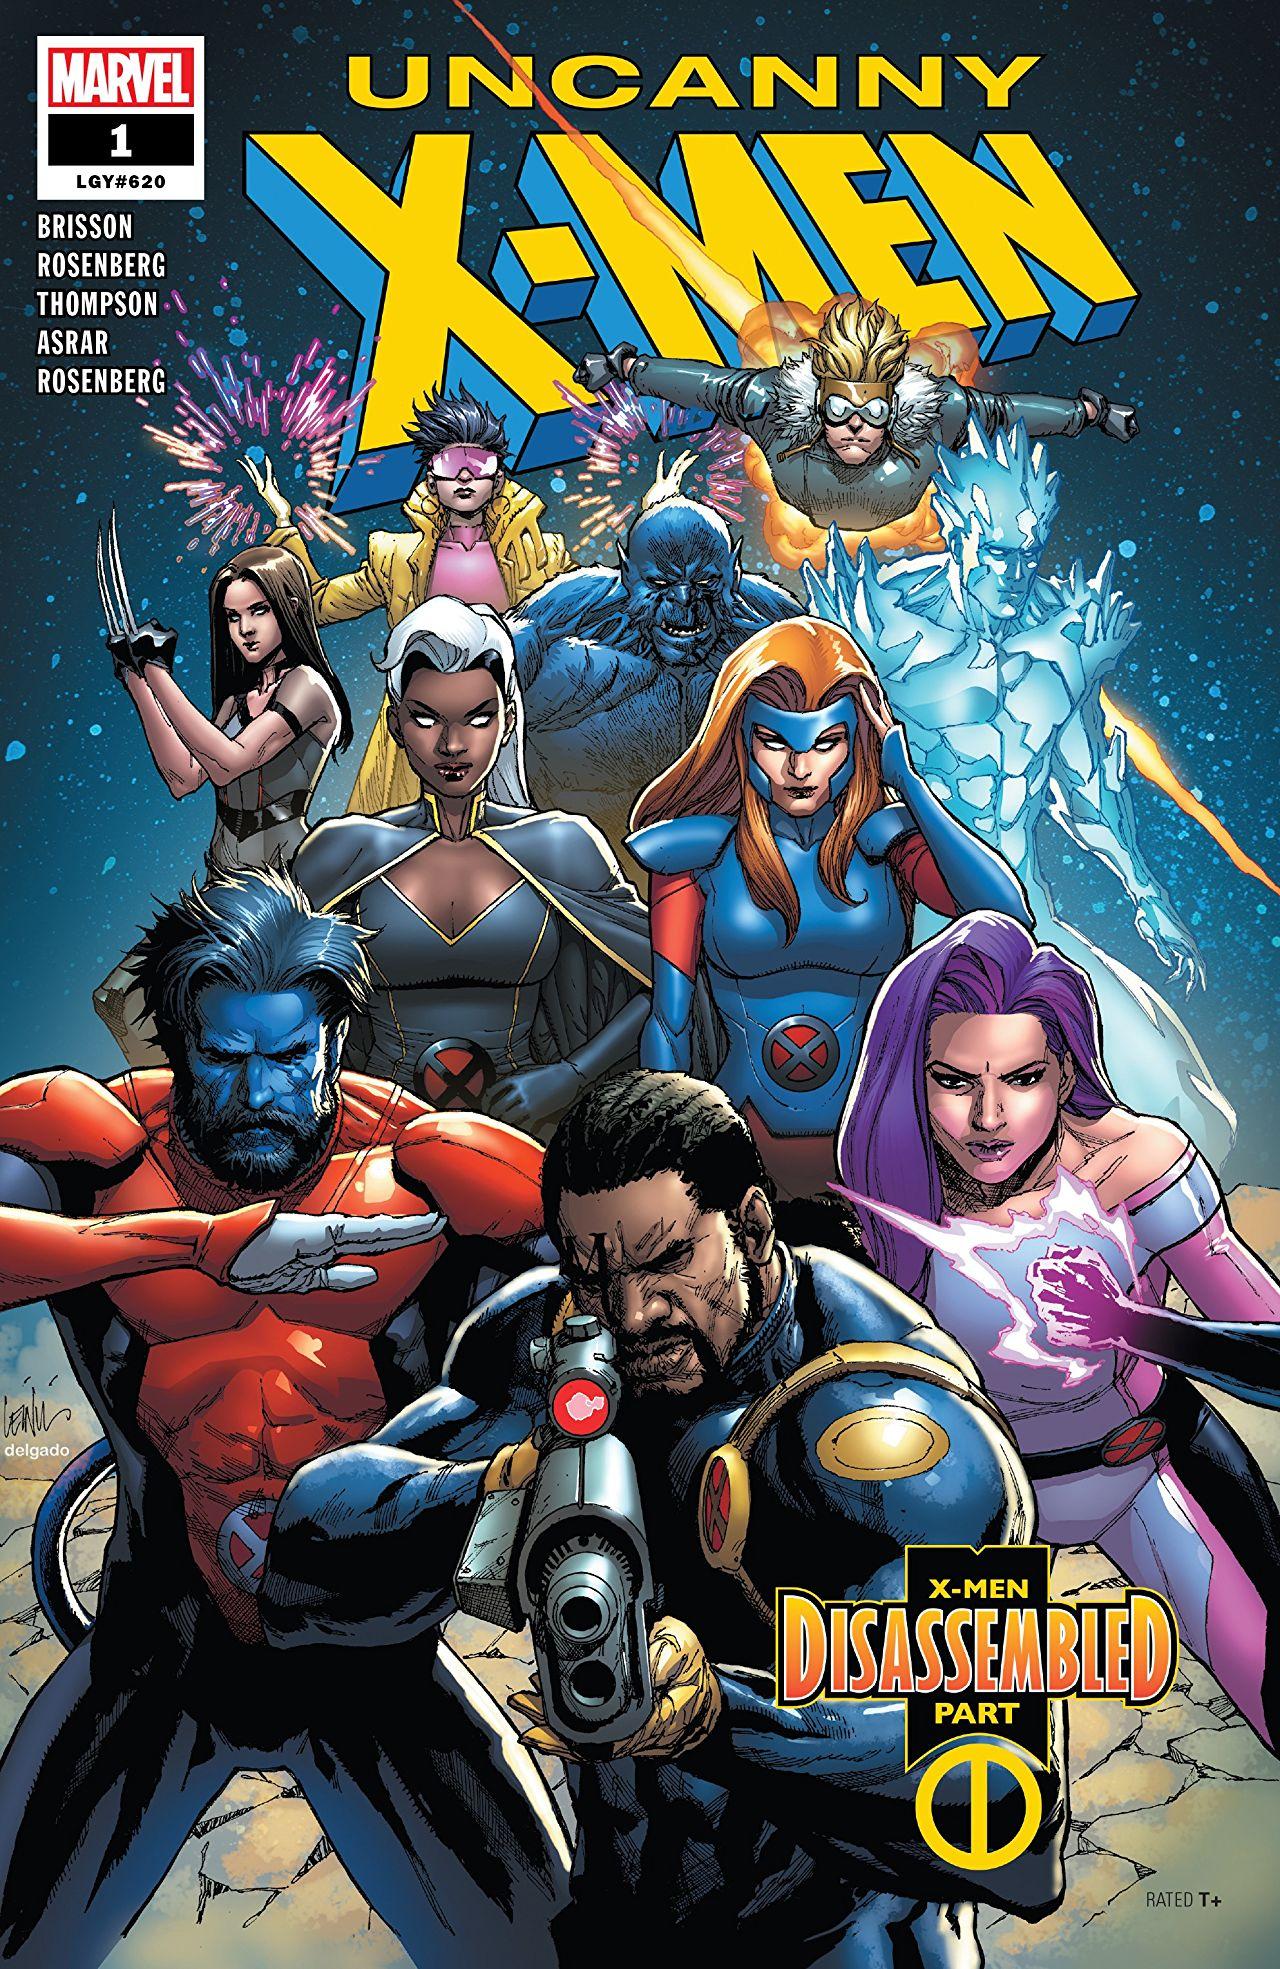 #14 Uncanny X-Men Vol 4 2013-2015